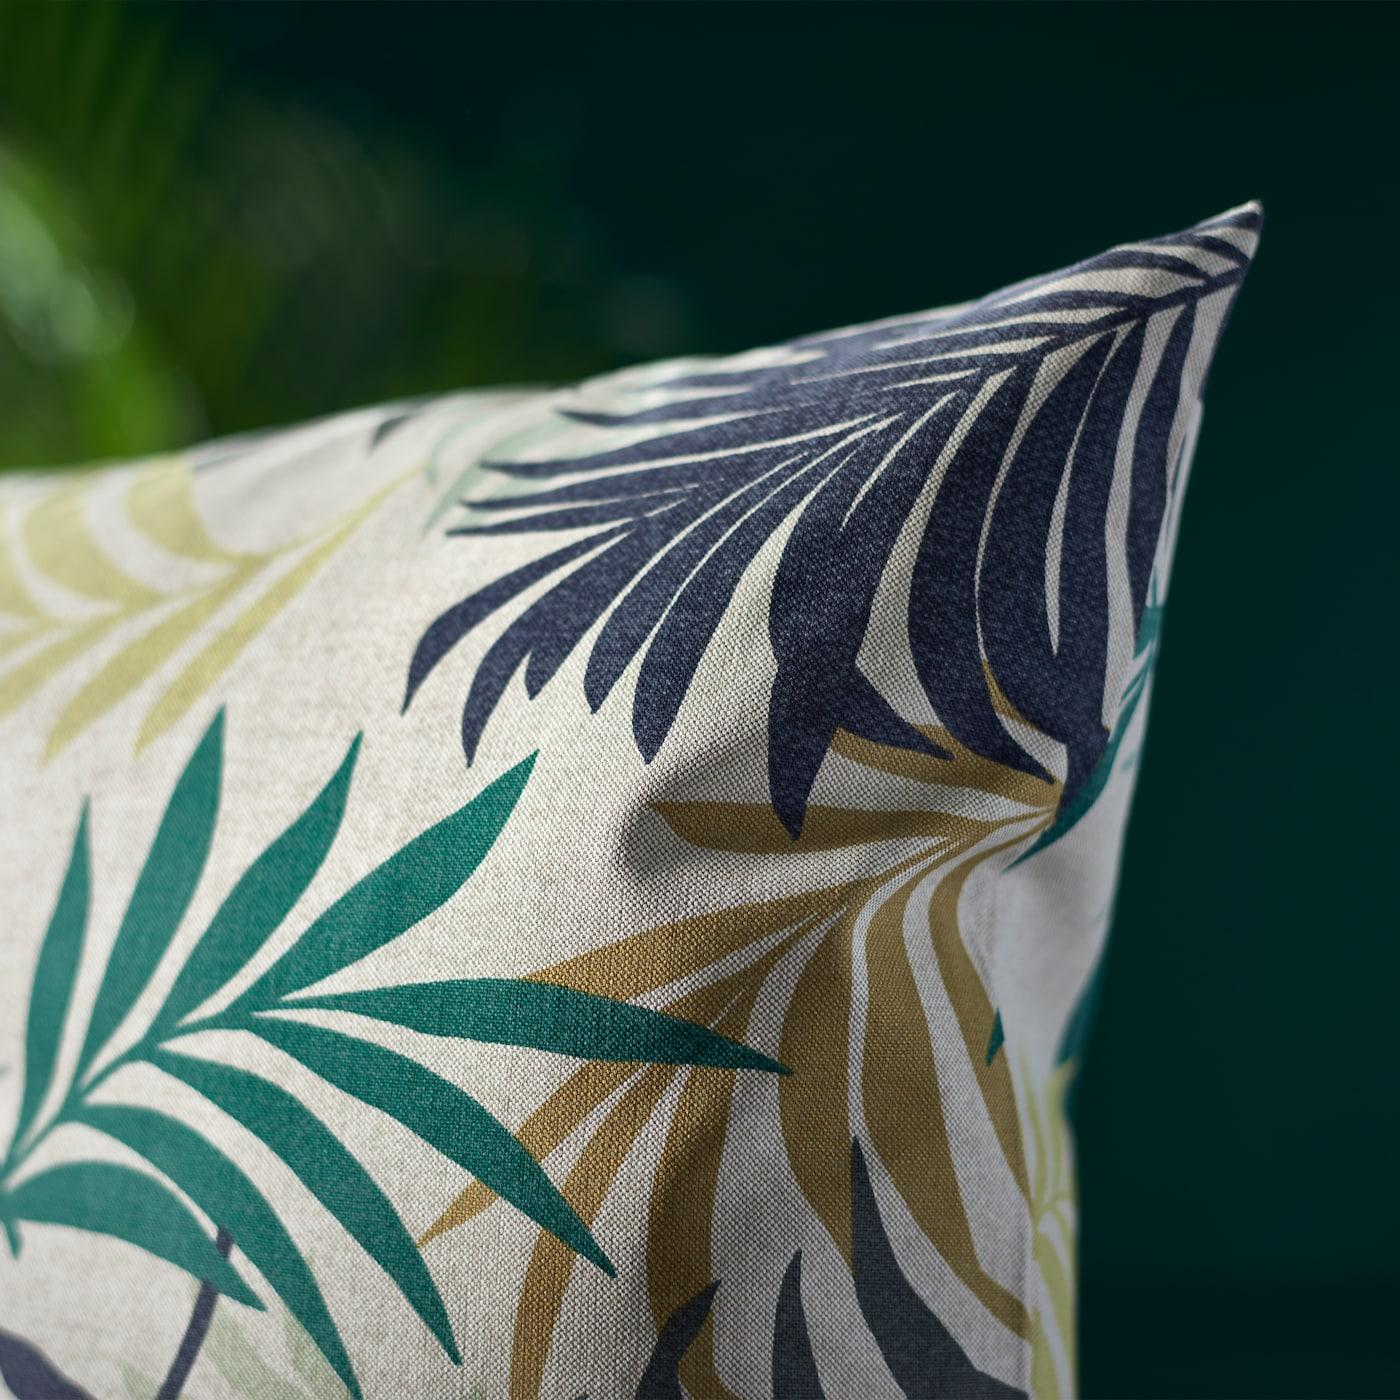 GILLHOV Kissenbezug verleiht deinen vier Wänden tropisches Flair dank seines bunten Blättermusters.